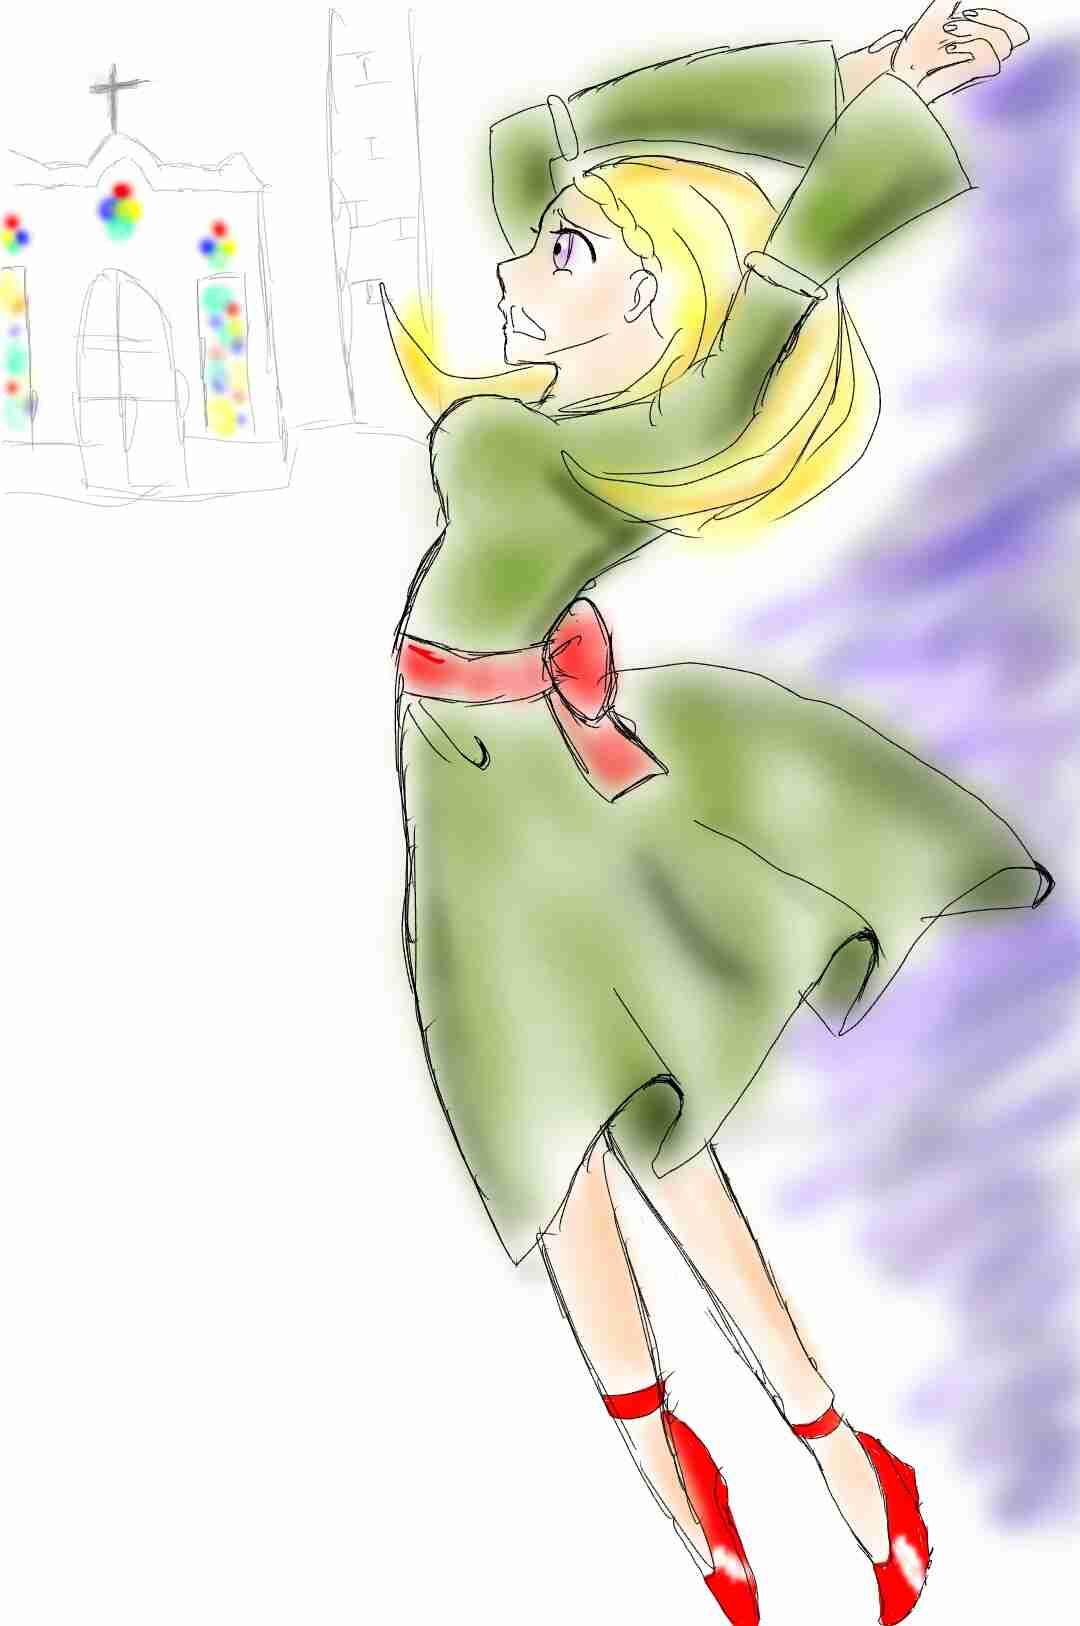 童話や昔話の絵を描くトピ【お絵描きトピ】